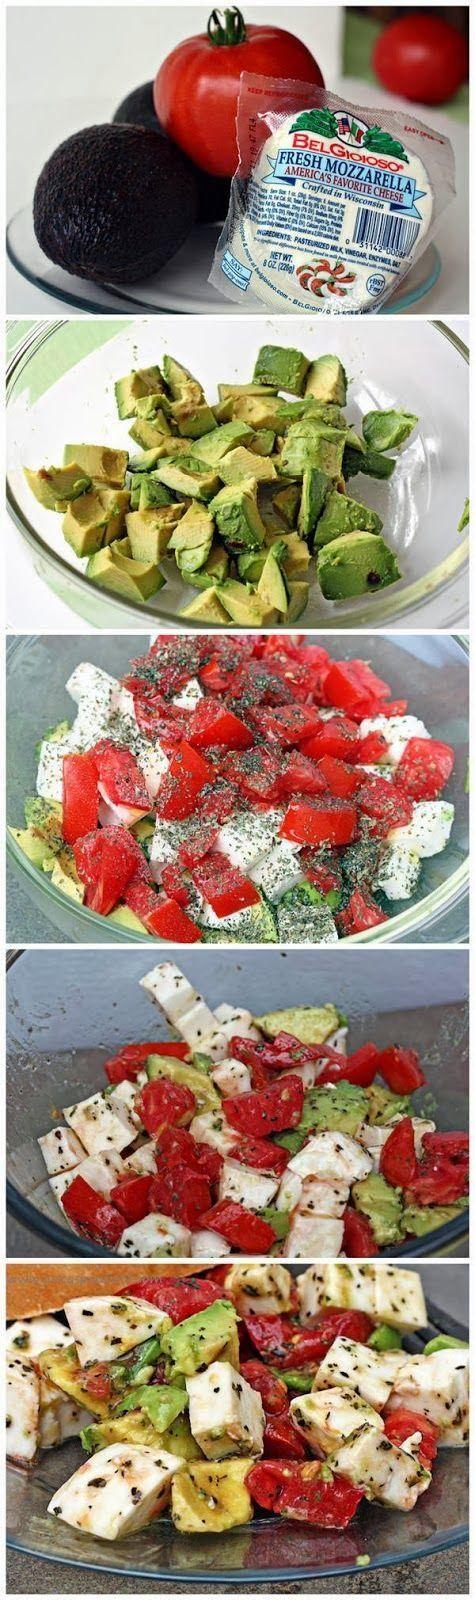 Mozzarella Salad Avocado Tomato Salad by food-exclusive #Salad